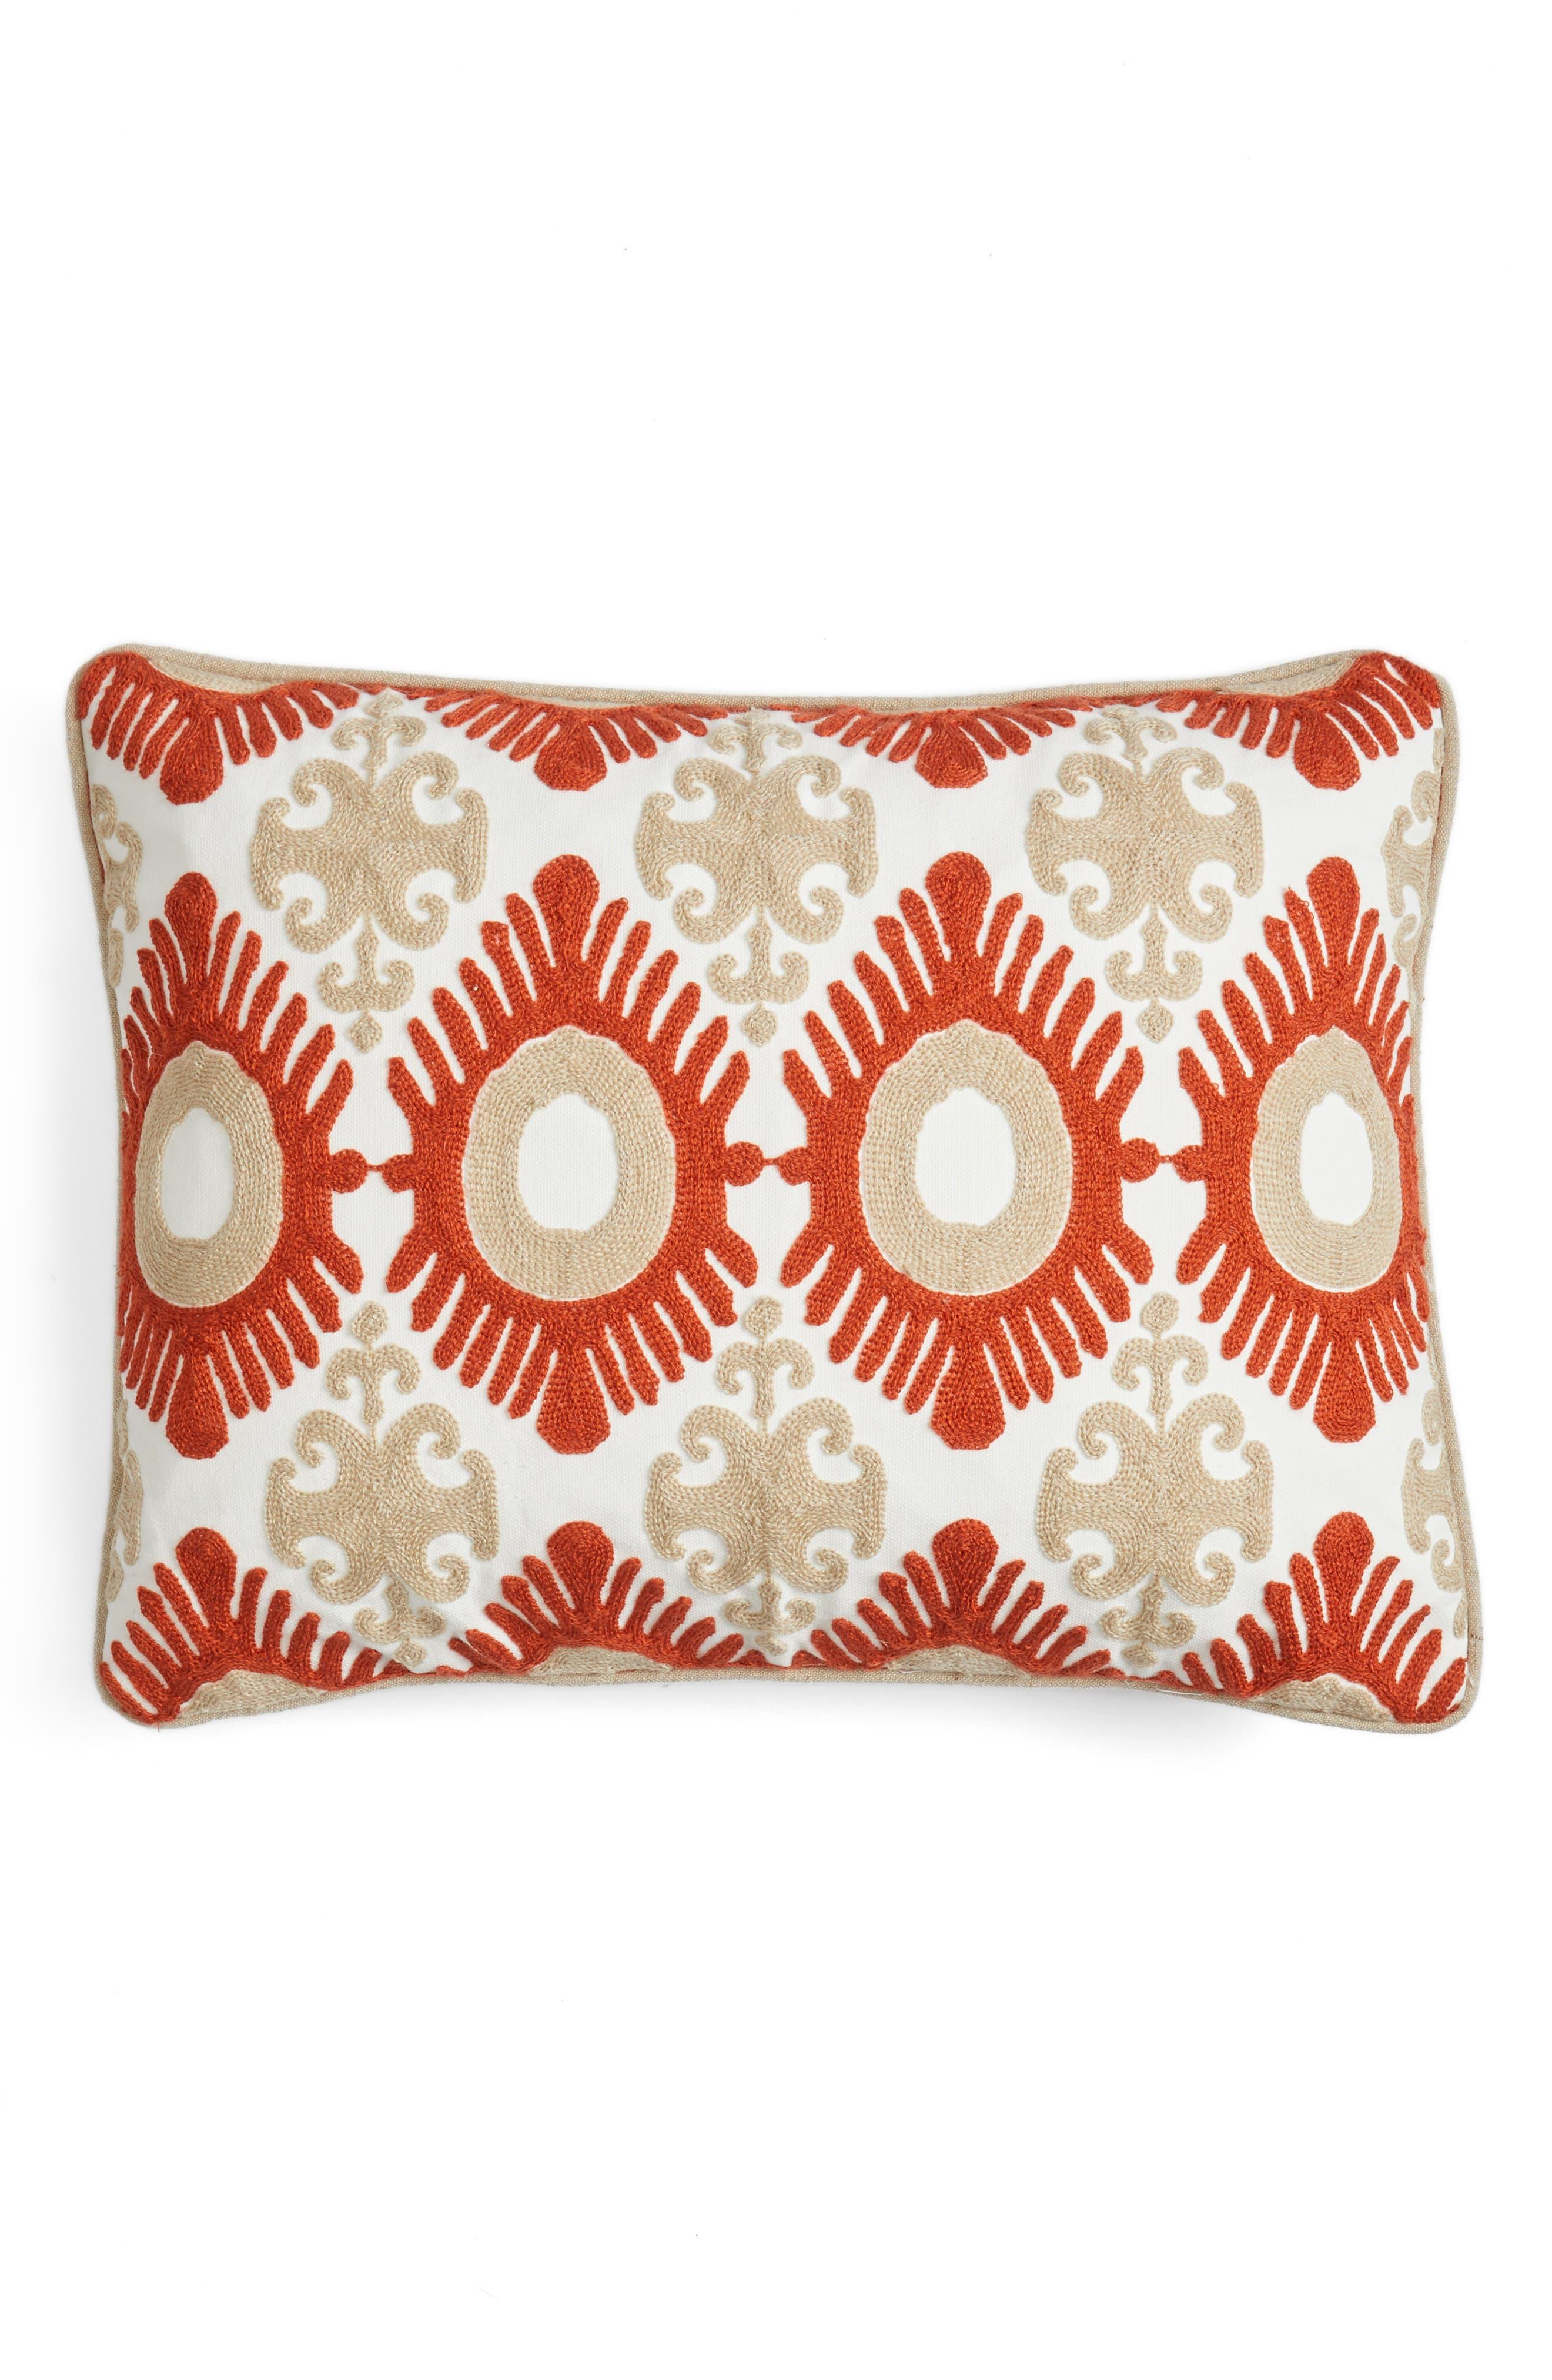 Main Image - Levtex Fira Crewel Stitch Accent Pillow